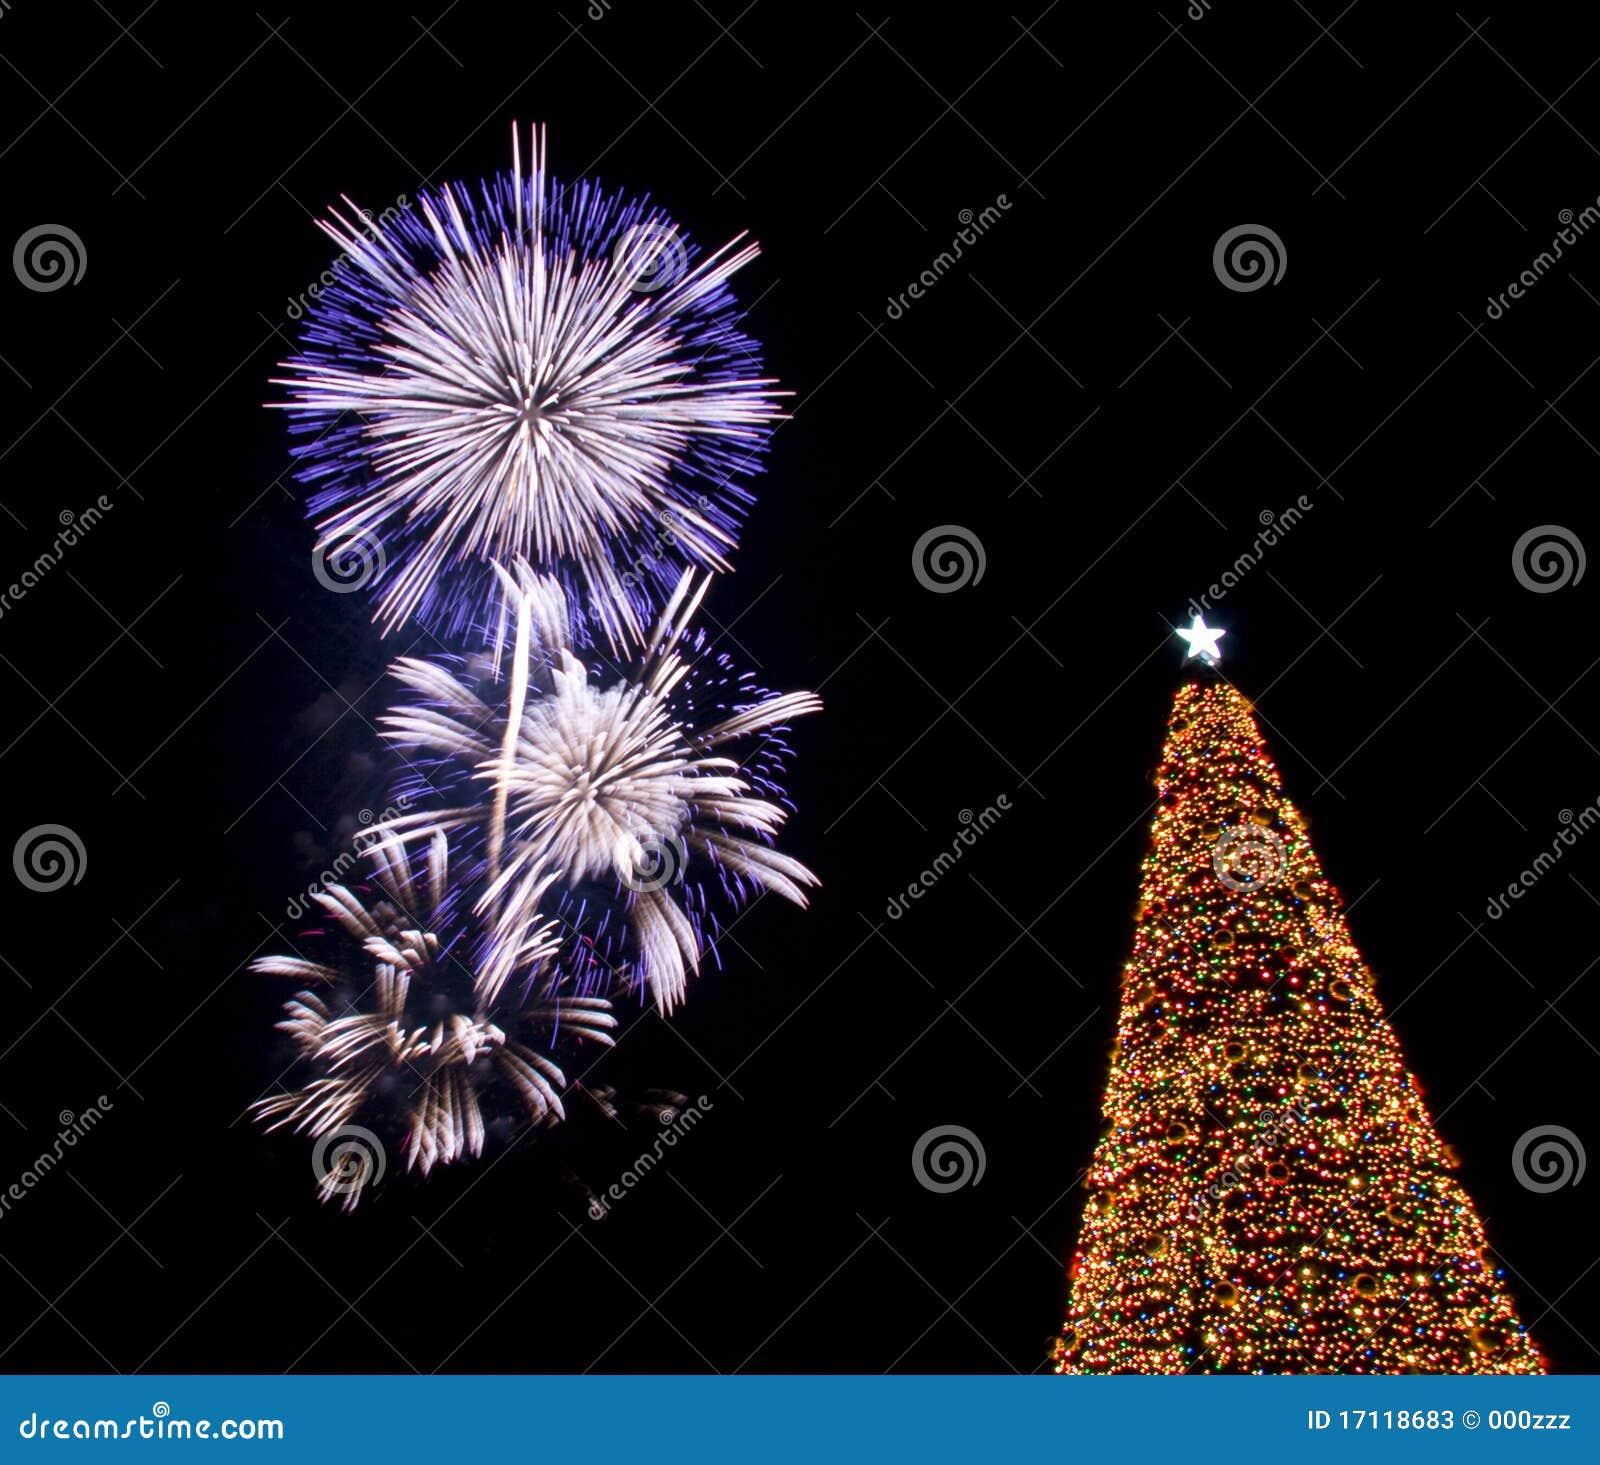 Fuegos artificiales sobre el rbol de navidad fotos de - Arboles artificiales navidad ...